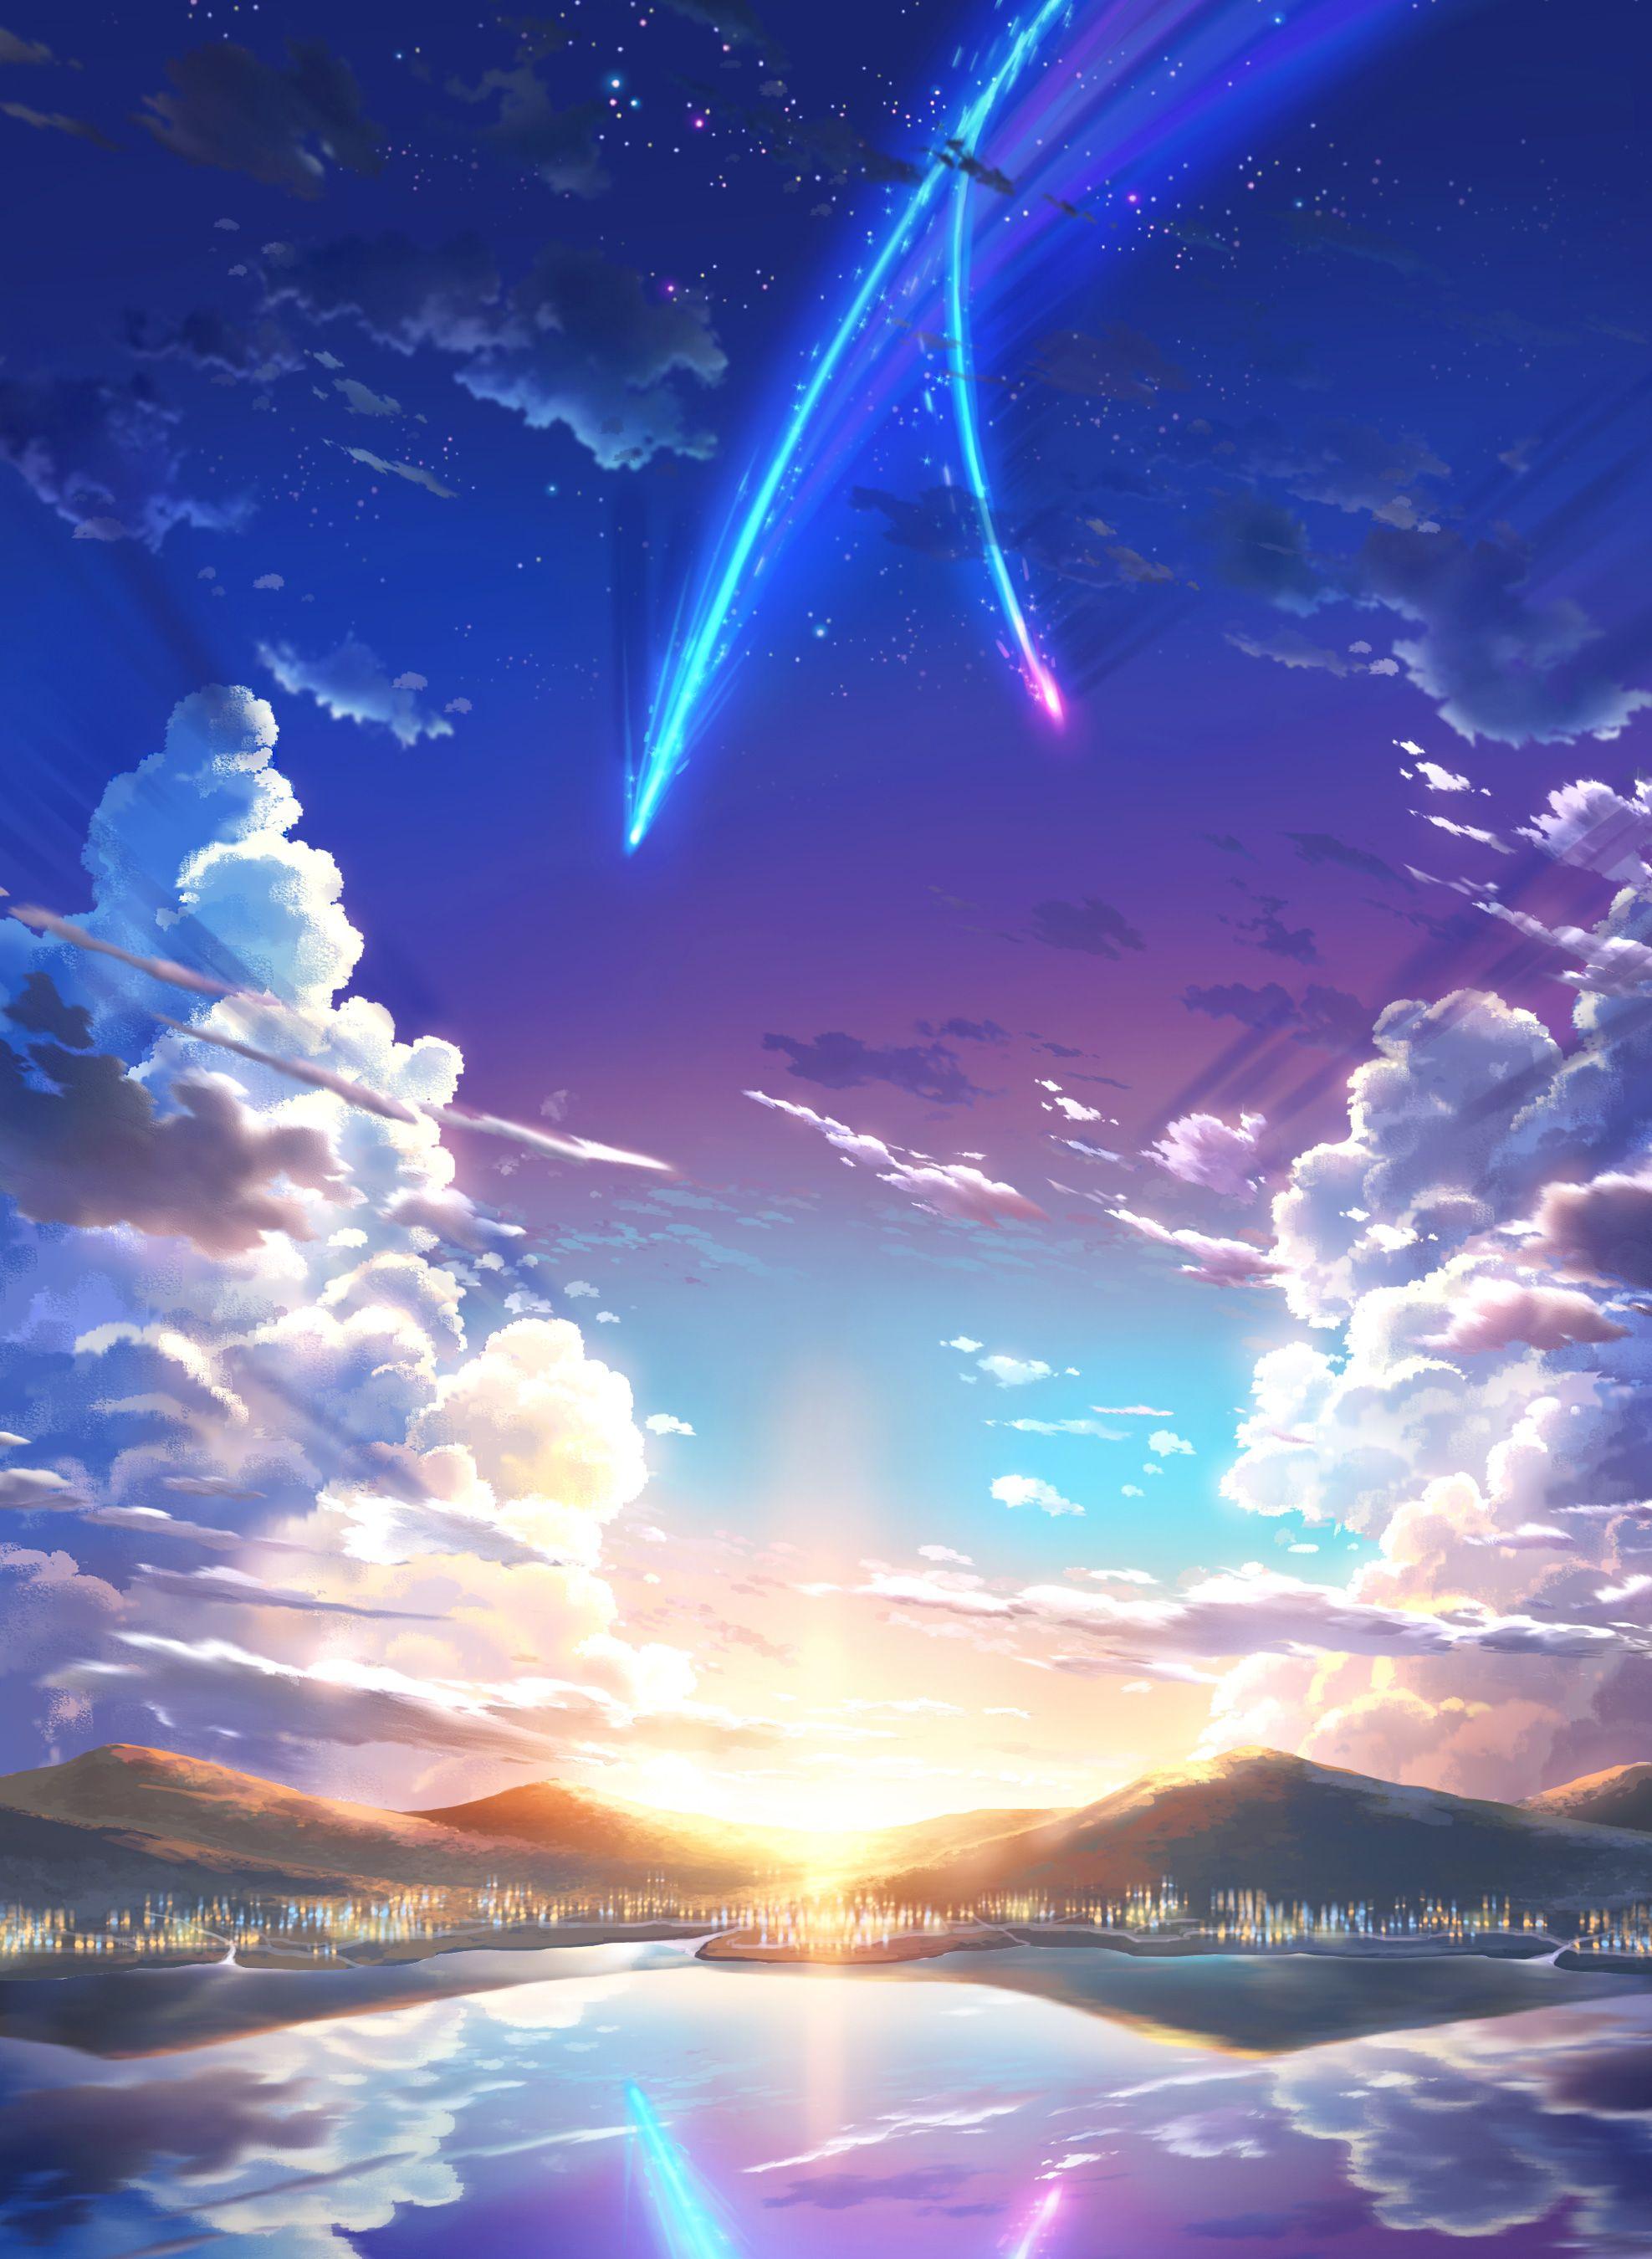 君の名は。 君の名は。背景 unknown007のイラスト 君の名は 背景, 幻想的なイラスト, アニメ 背景